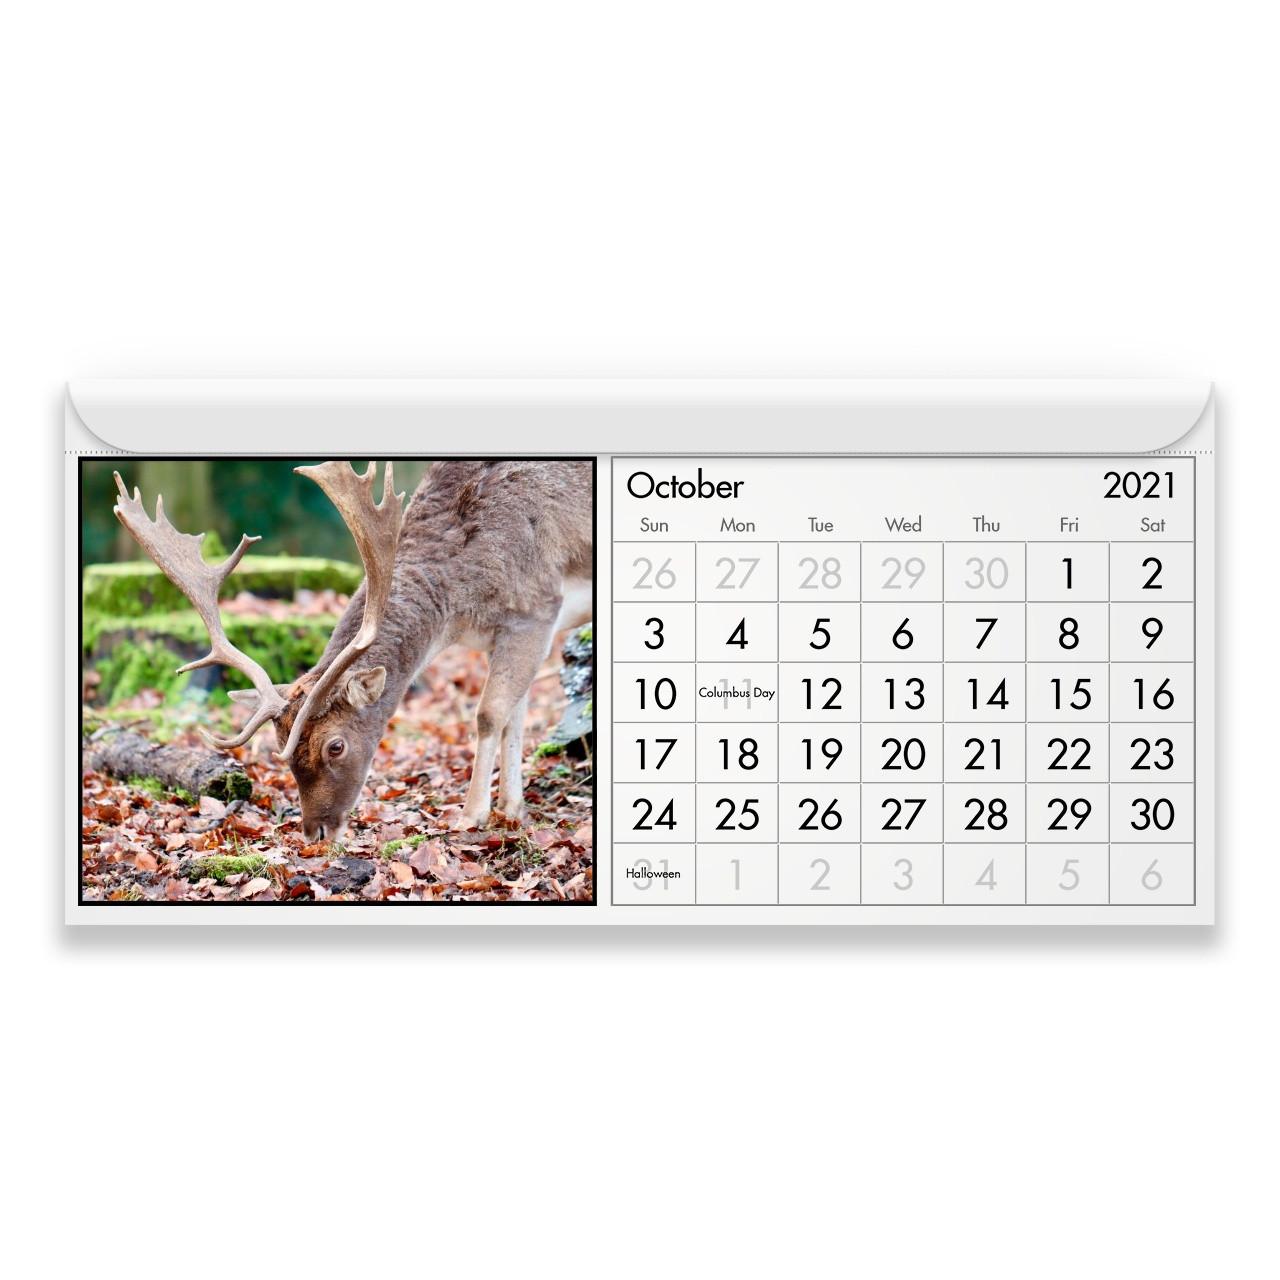 2021 Deer And Deer Hunting Rut Calendar | Calendar  Nys Rut Prediction